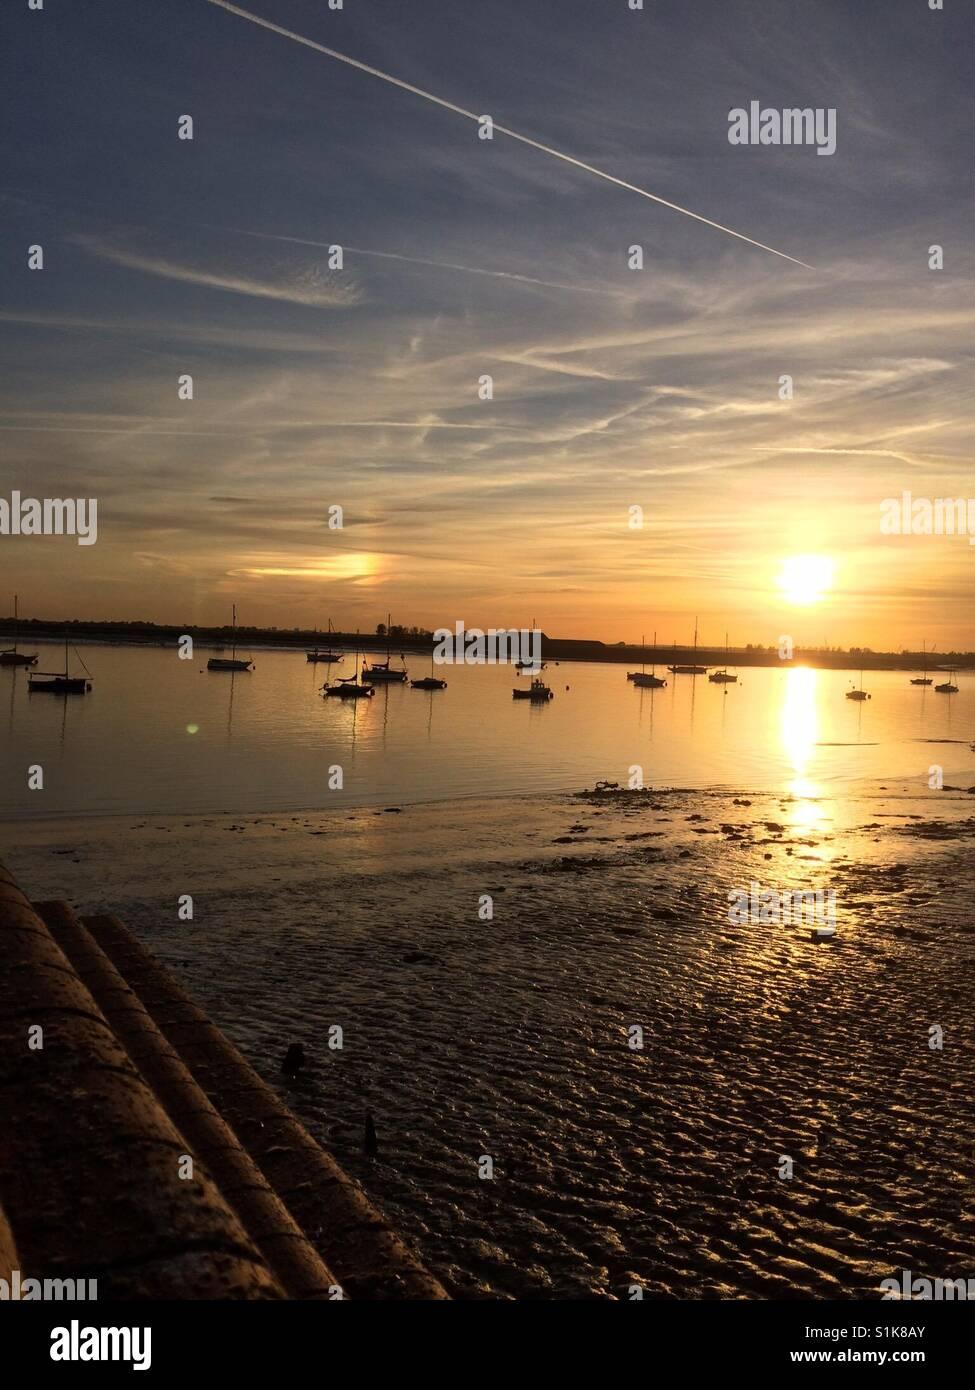 Marea baja en Burnham-on-Crouch, Essex, al atardecer Imagen De Stock